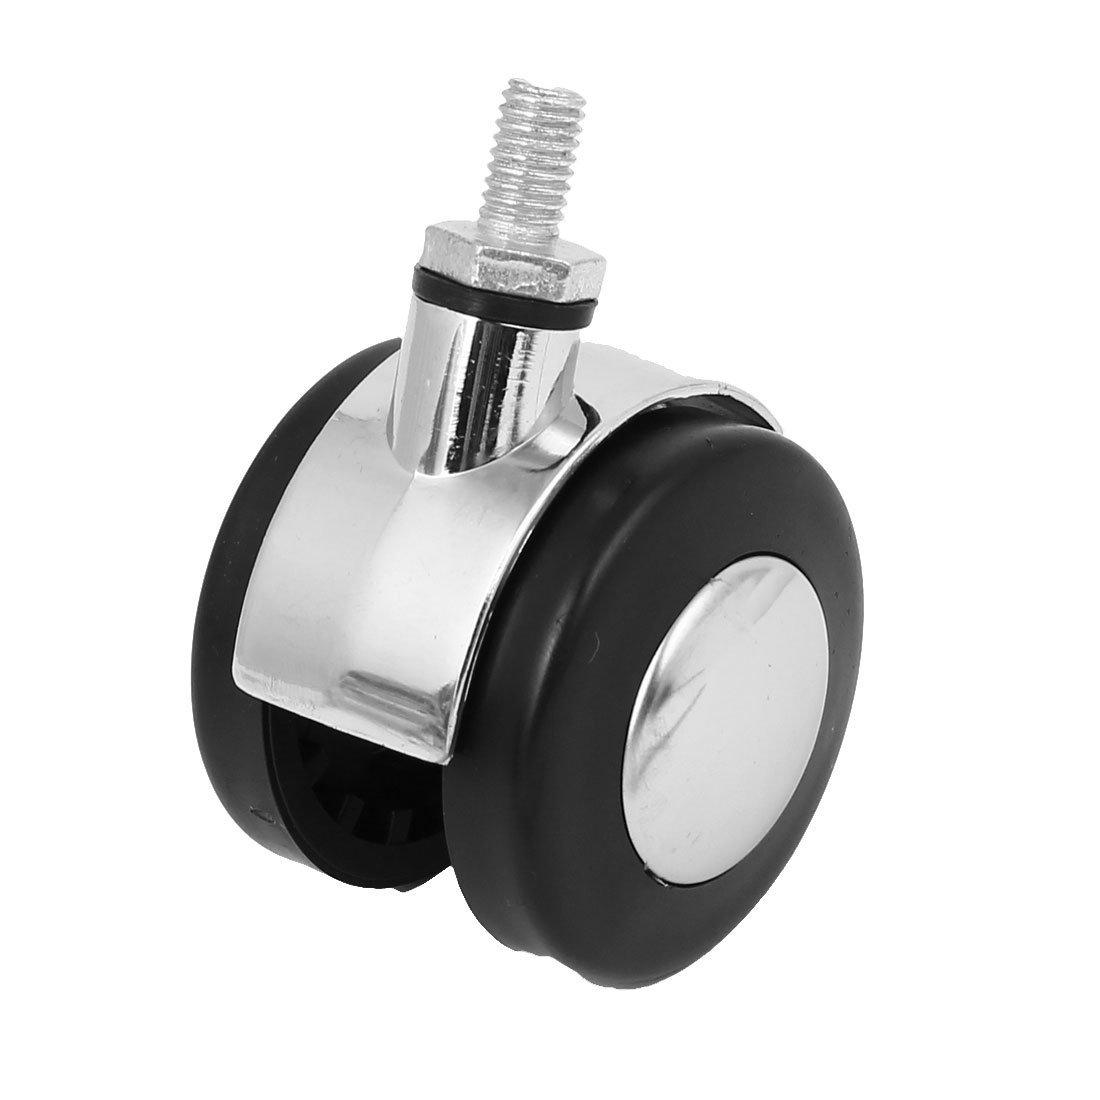 eDealMax Silla de oficina DE 2 pulgadas de diámetro roscado del vástago de Freno de rueda gemela Caster giratorio Universal: Amazon.com: Industrial & ...